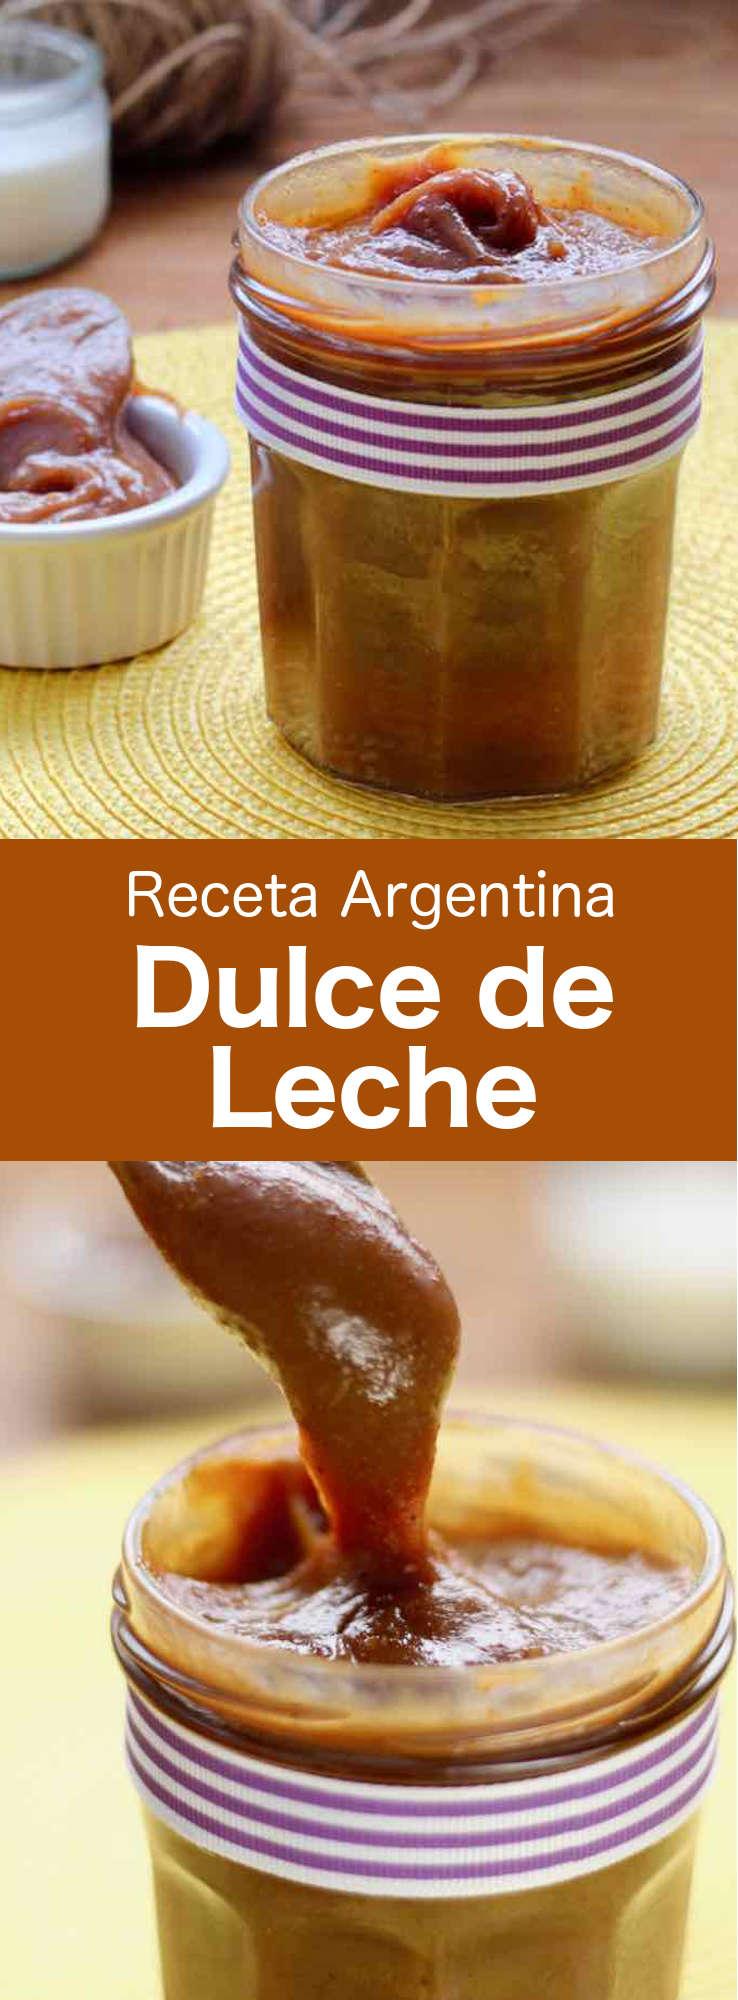 El dulce de leche (o mermelada de leche), se elabora cocinando la leche y el azúcar a fuego lento. Es un ingrediente muy popular en Latinoamérica y España.